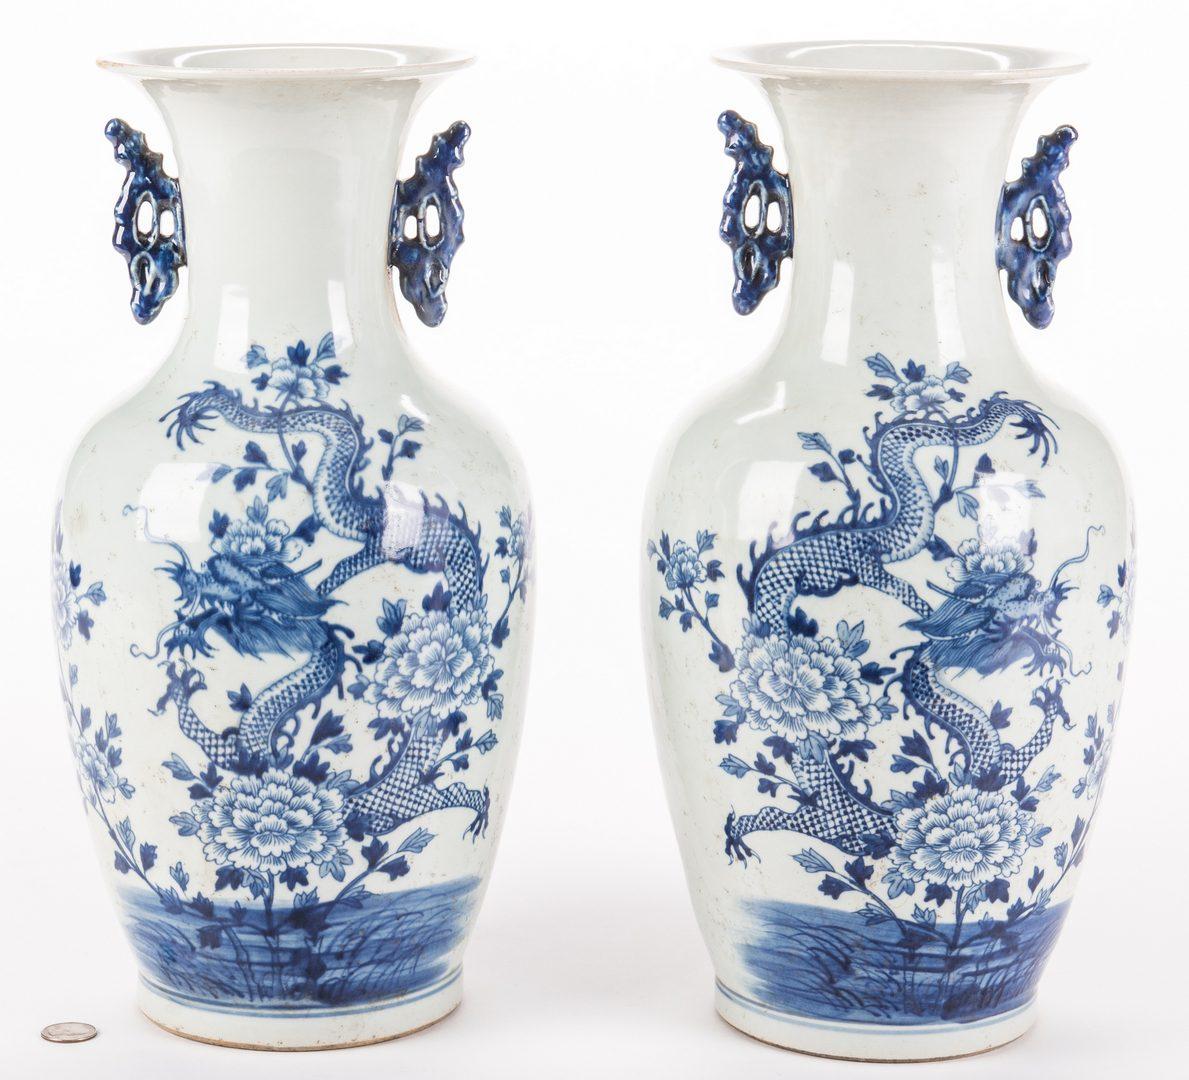 Lot 647: Pr. Chinese Porcelain Blue & White Dragon Vases